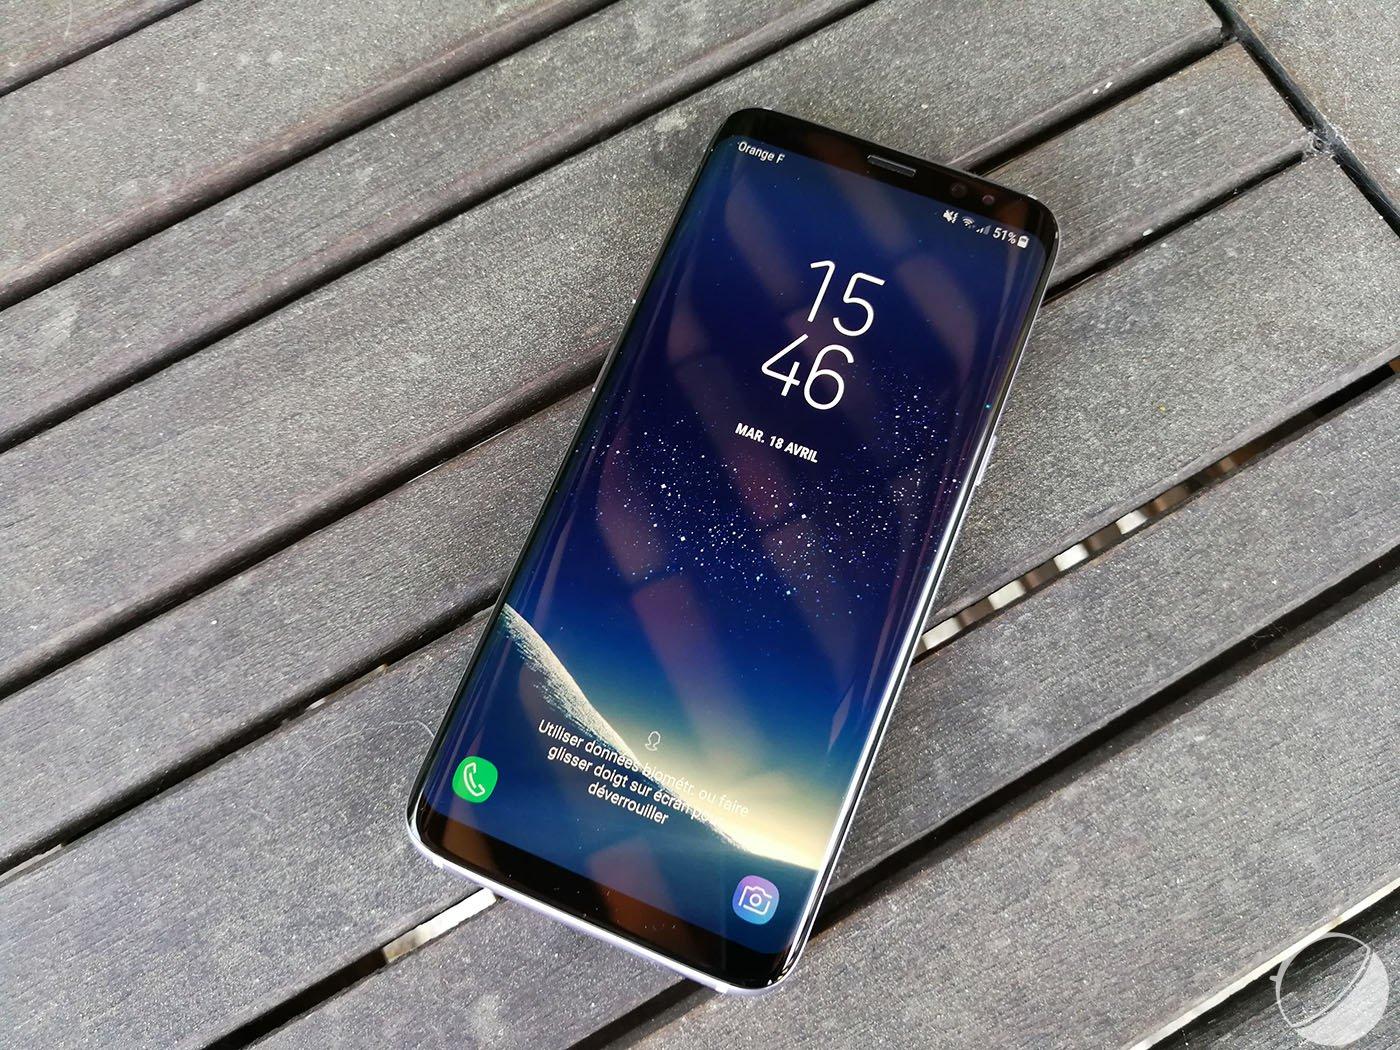 Écrans rouges des Galaxy S8 : Samsung nie tout défaut…mais promet un palliatif